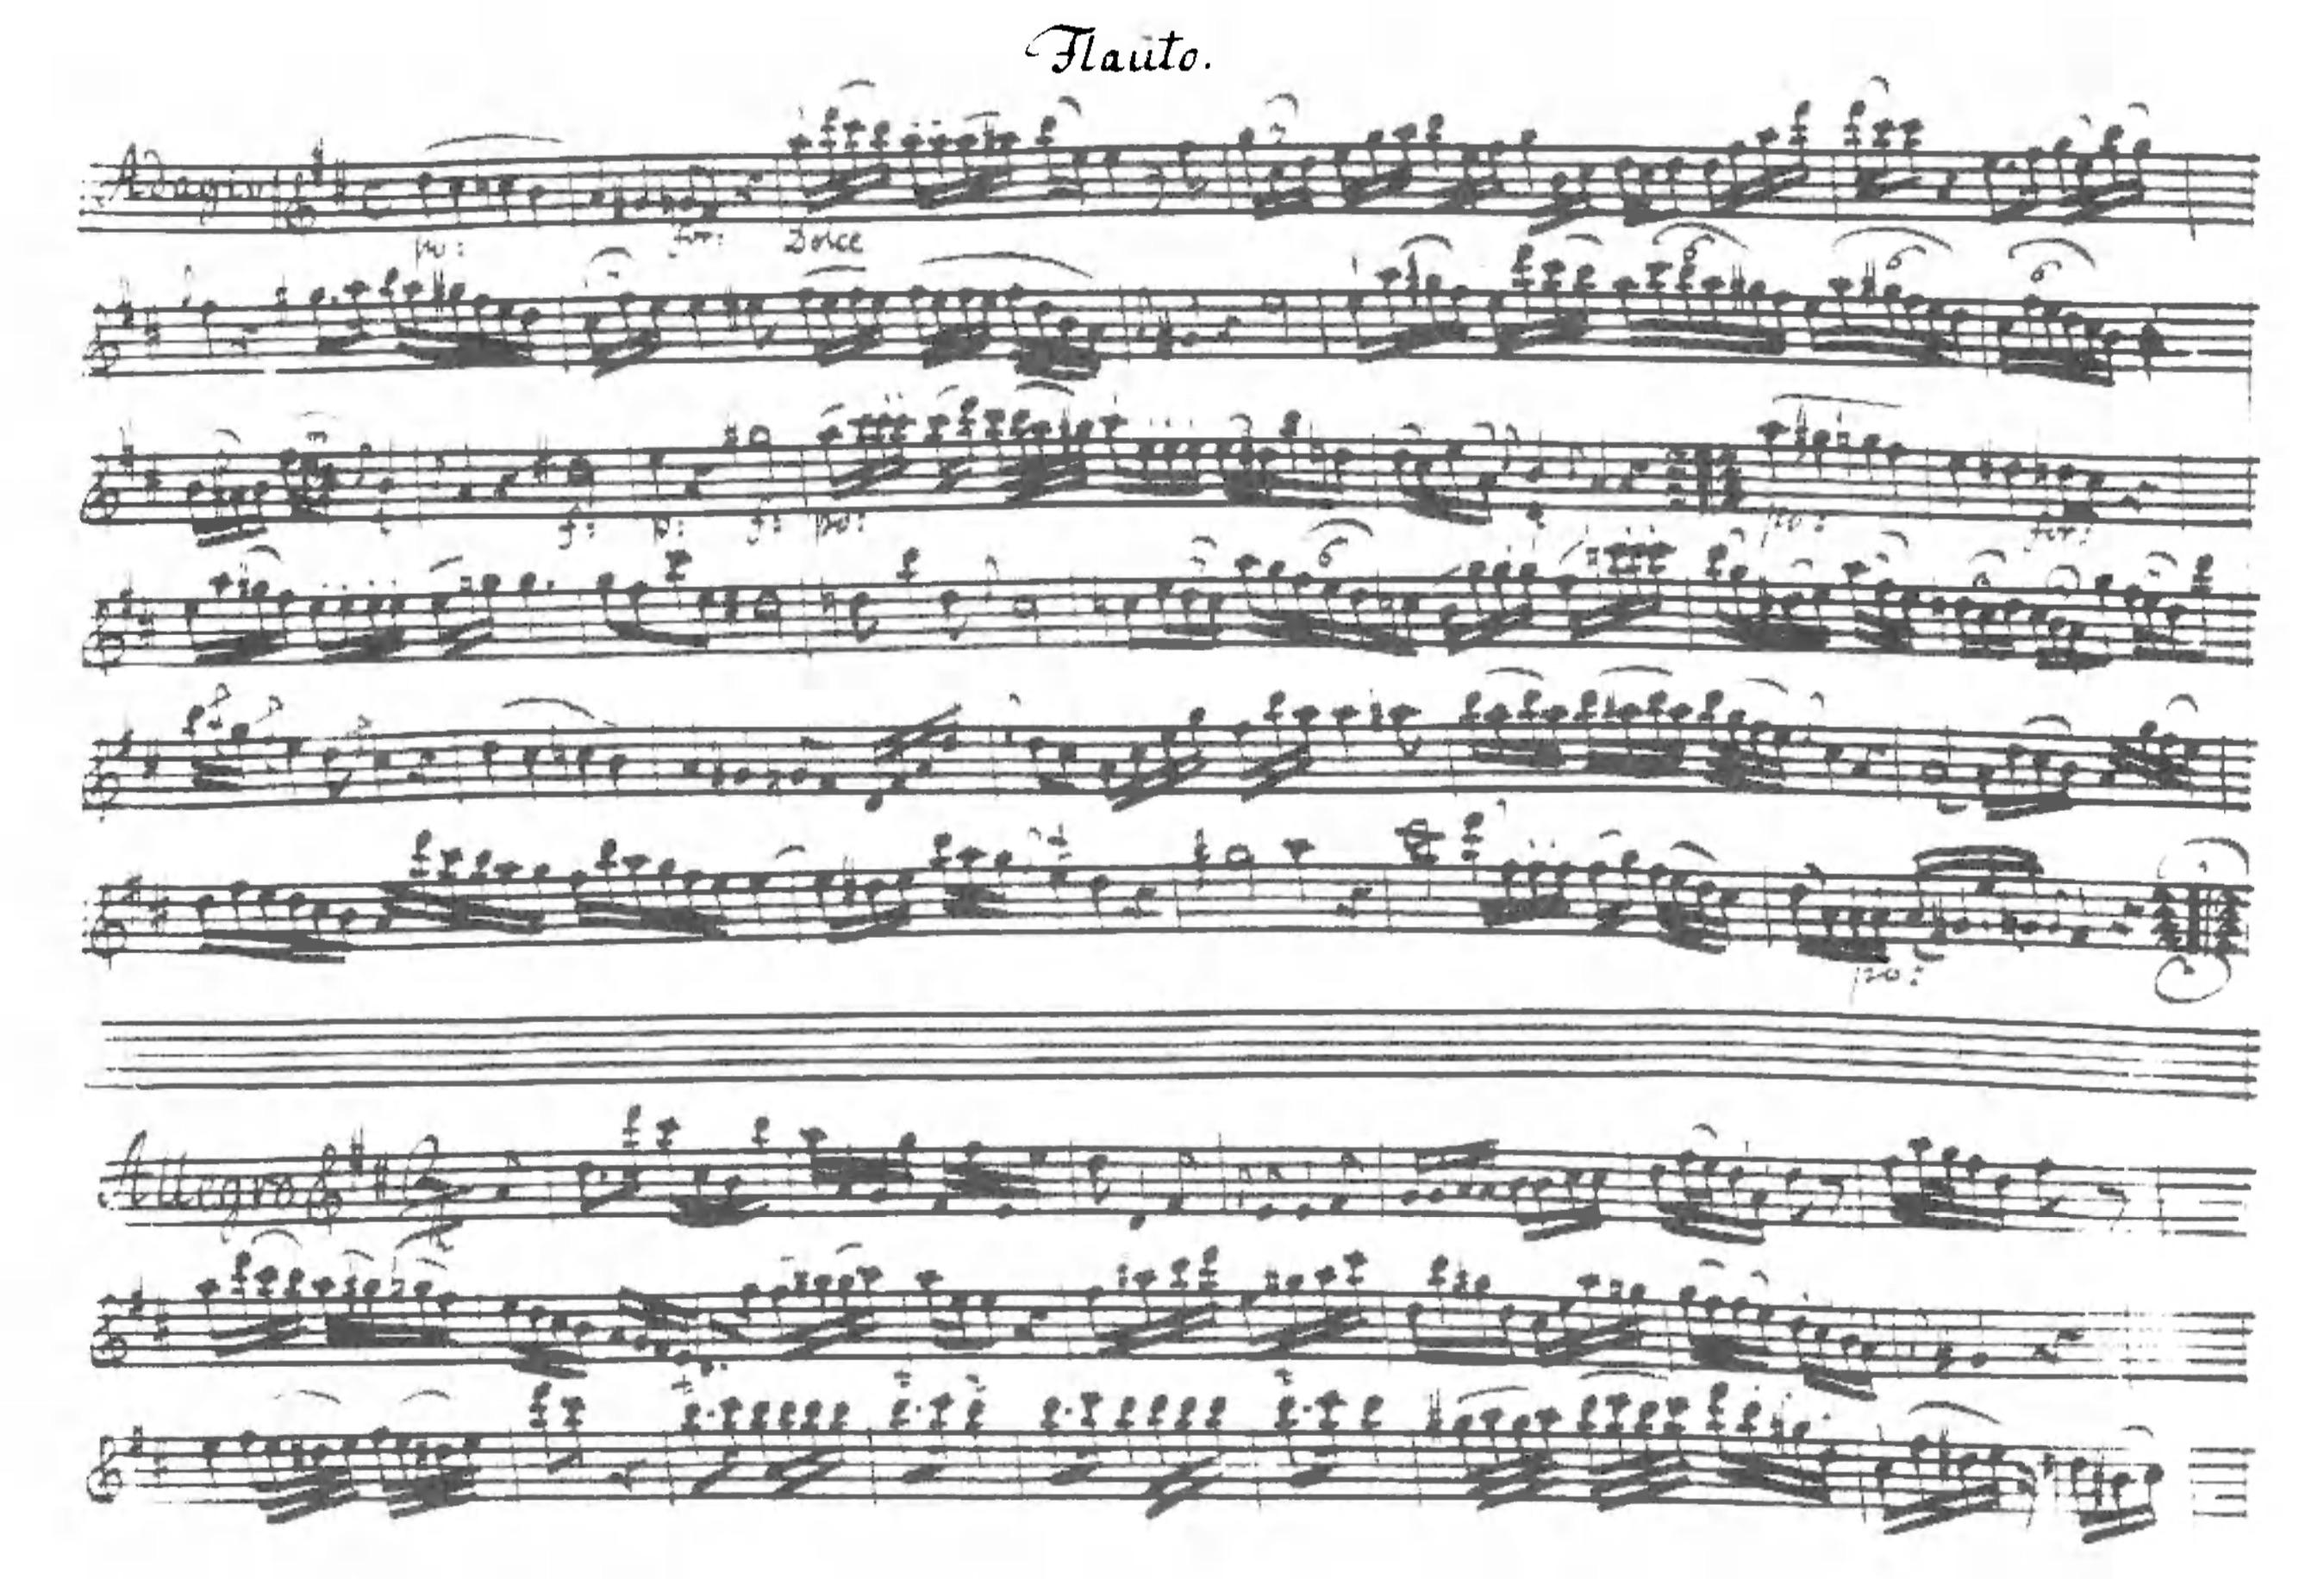 Sonata a tre in D major (V), first page of the flute part. Badische                   Landesbibliothek Karlsruhe, Ms. 229.